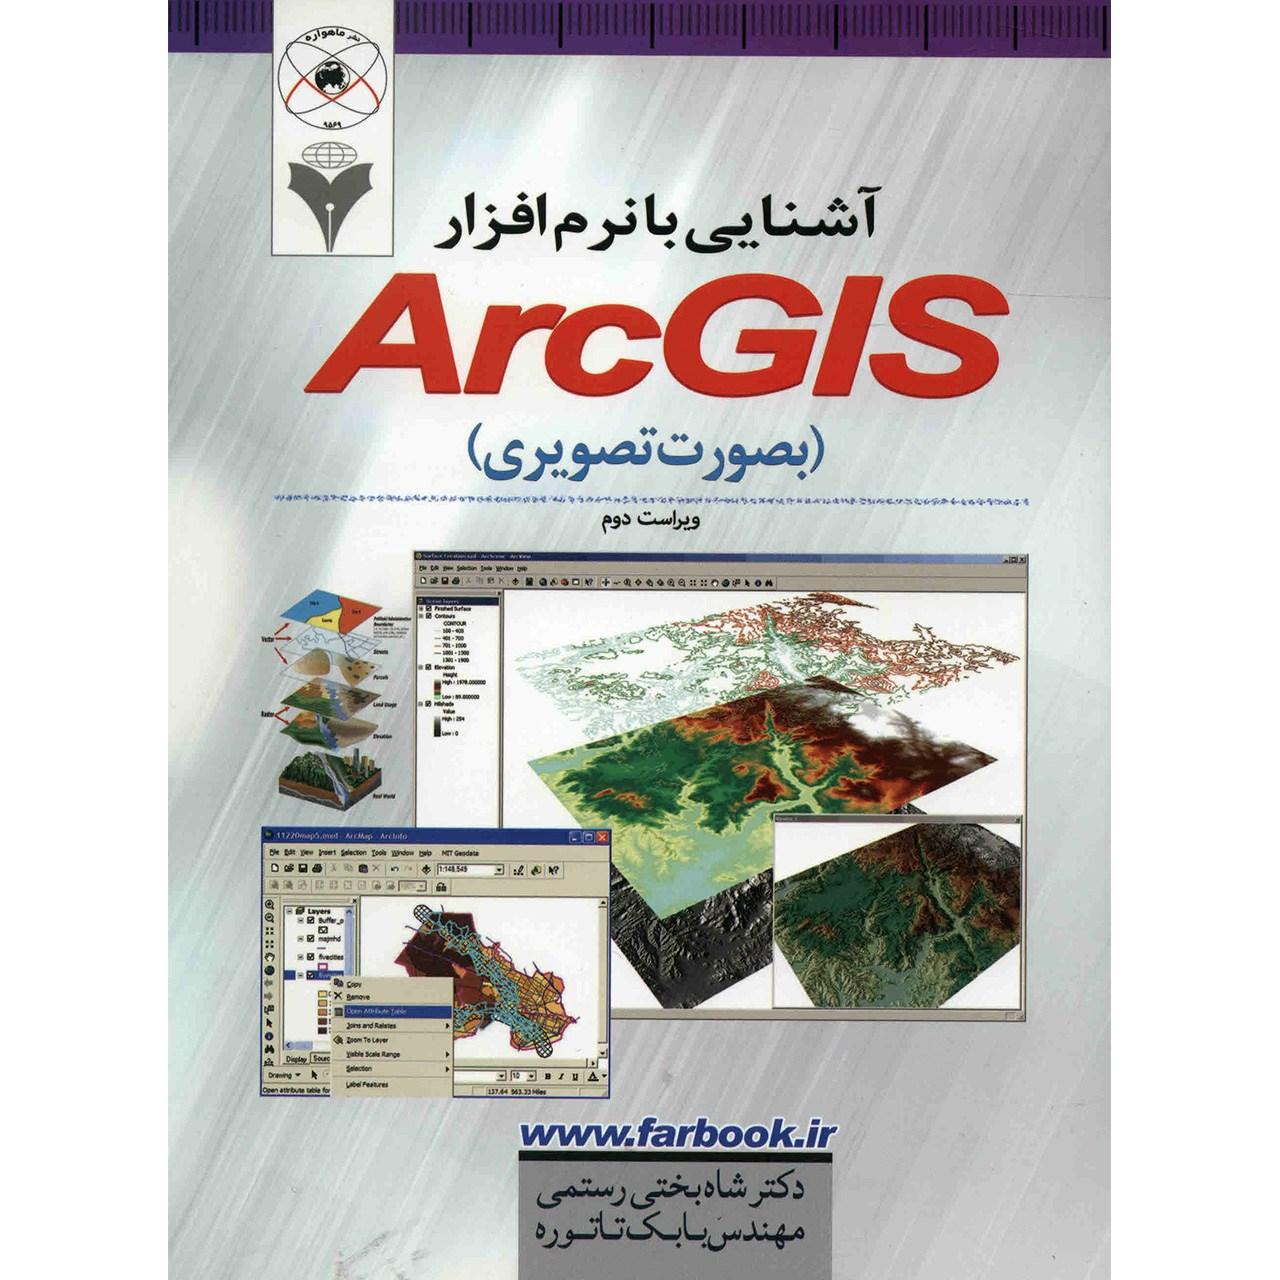 کتاب آشنایی با نرم افزار ArcGIS اثر شاه بختی رستمی